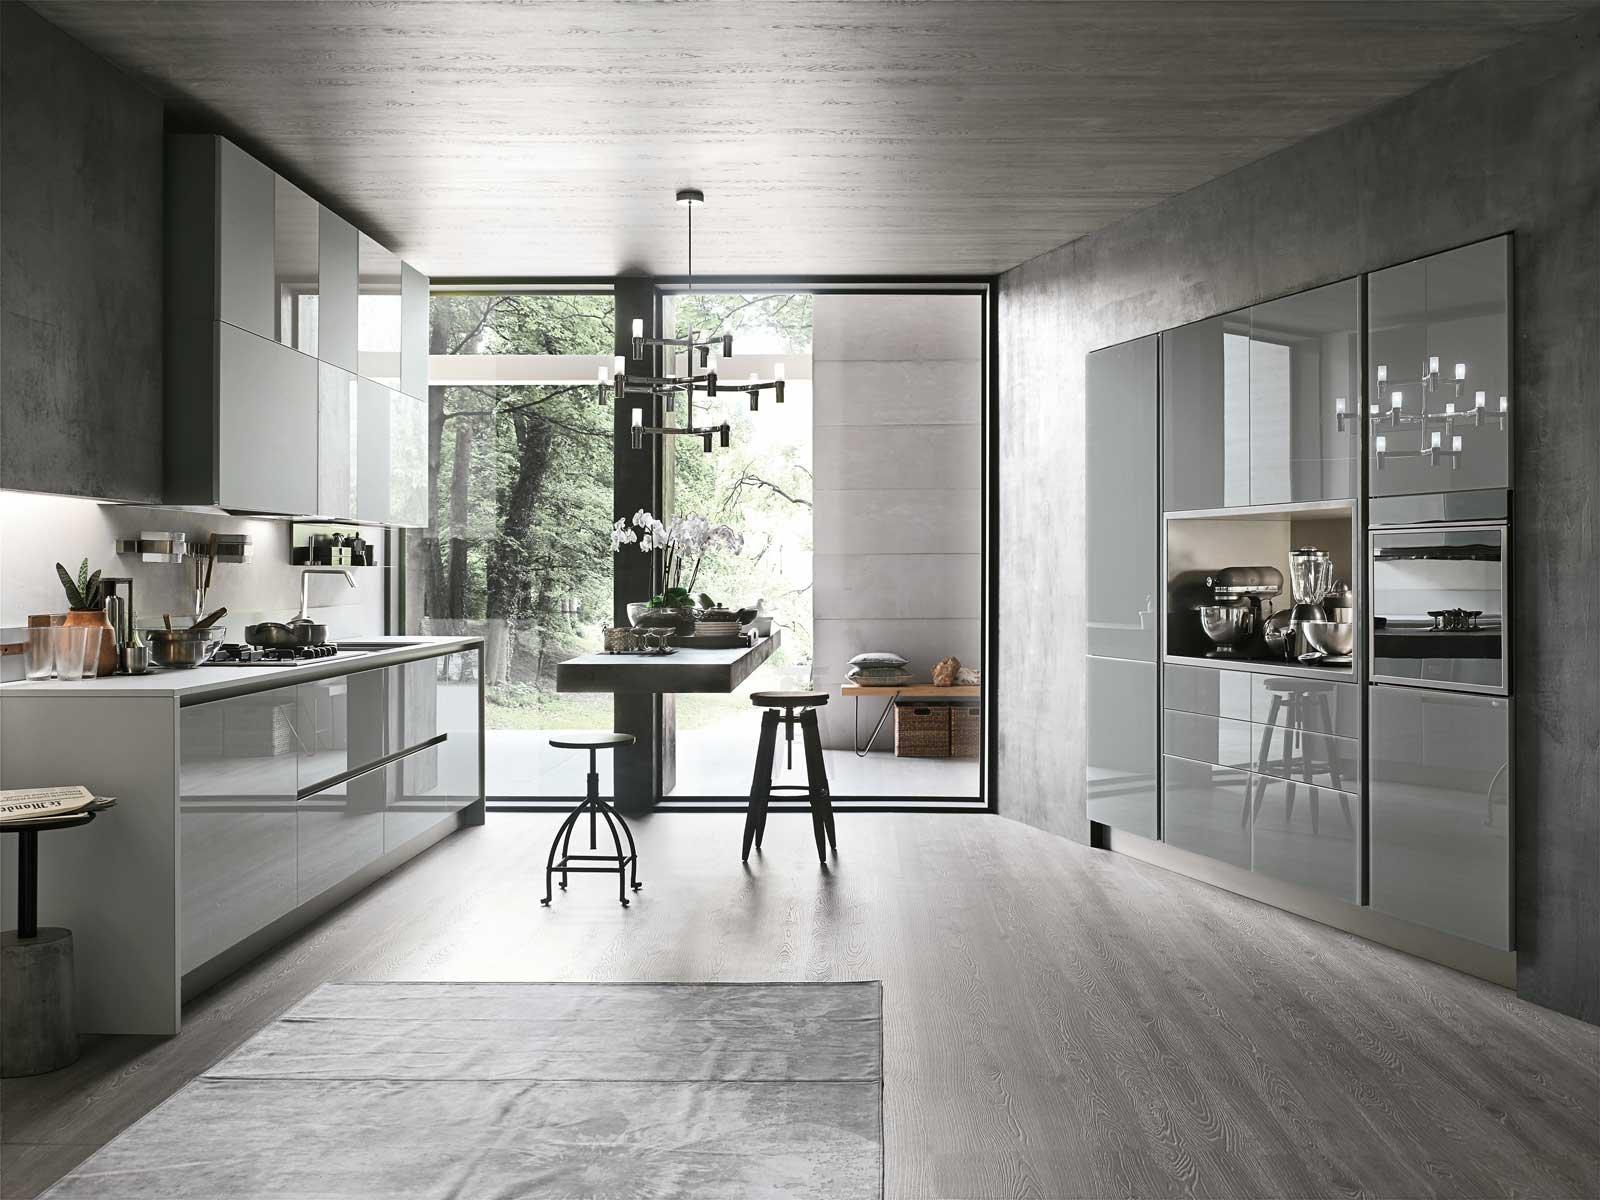 Cucine in vetro laccato cose di casa - Cucine con vetrate ...